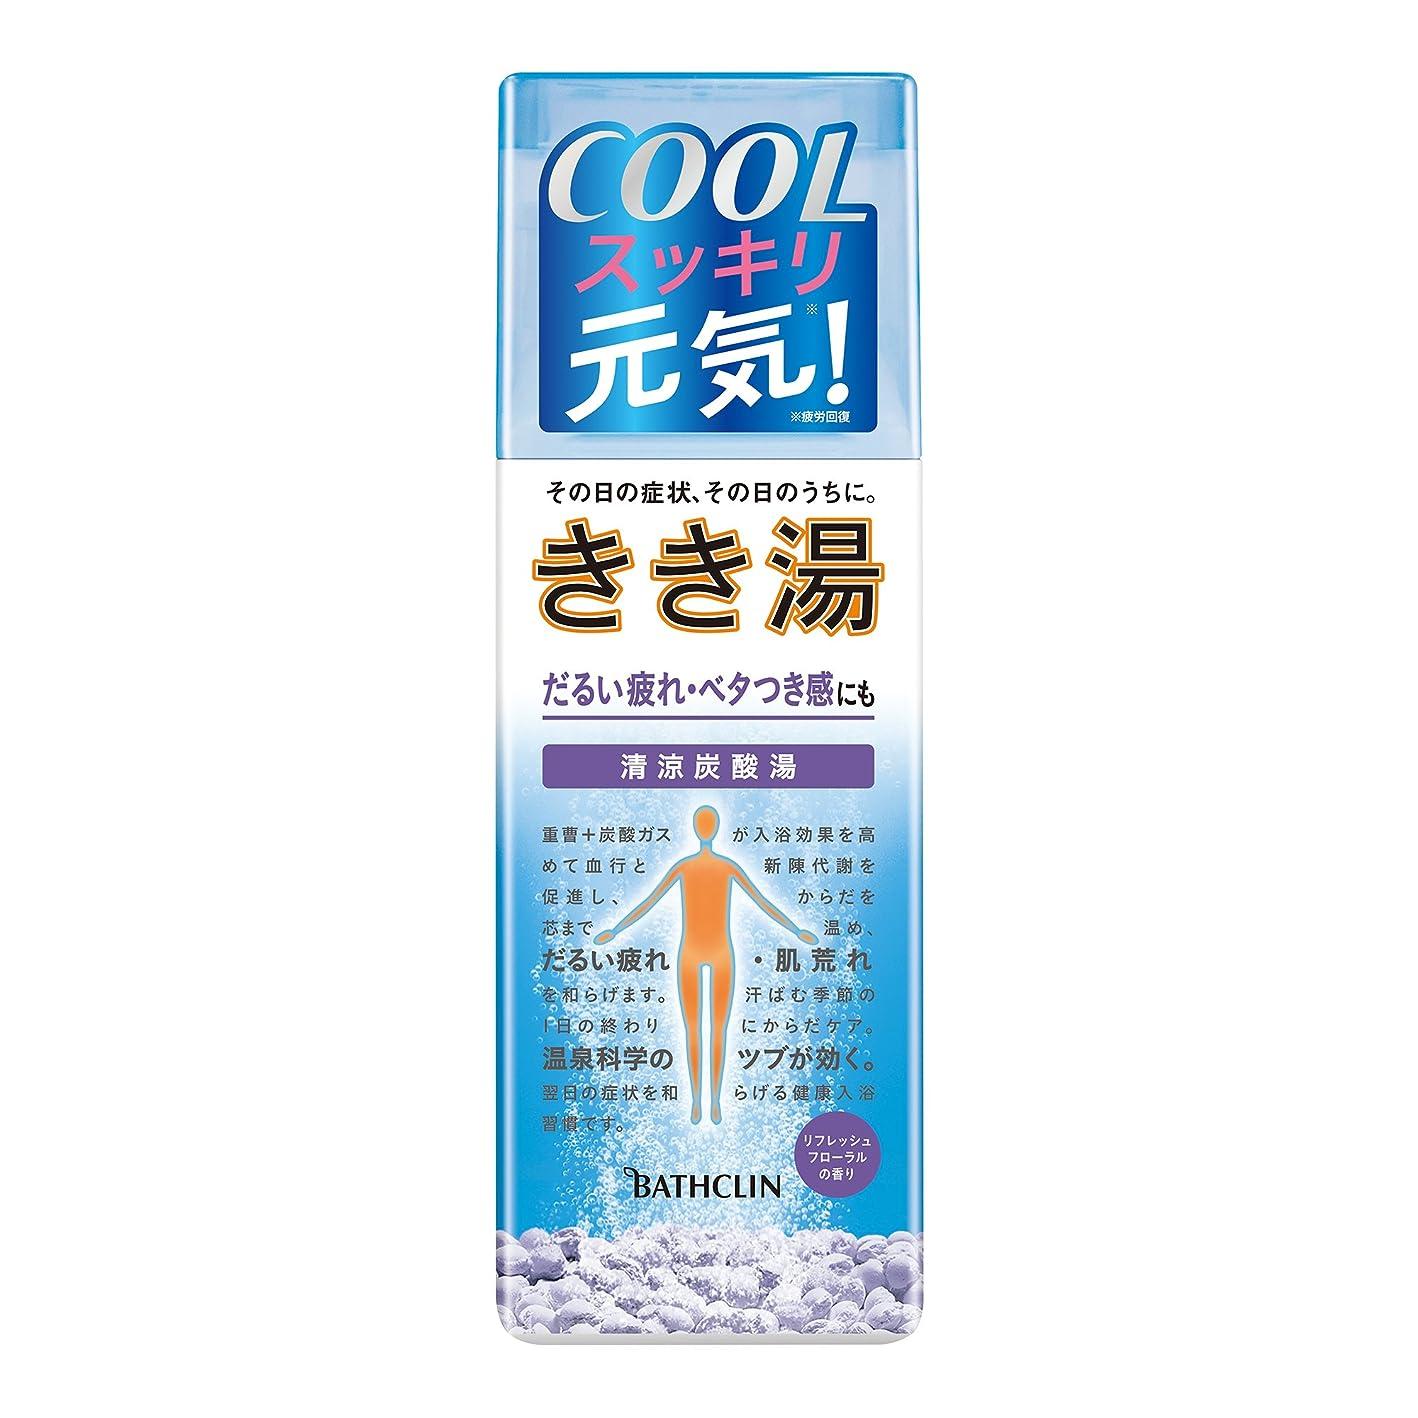 その後アイスクリーム支払い【医薬部外品】きき湯清涼炭酸湯リフレッシュフローラルの香り 360gマリンブルーの湯透明タイプ 入浴剤